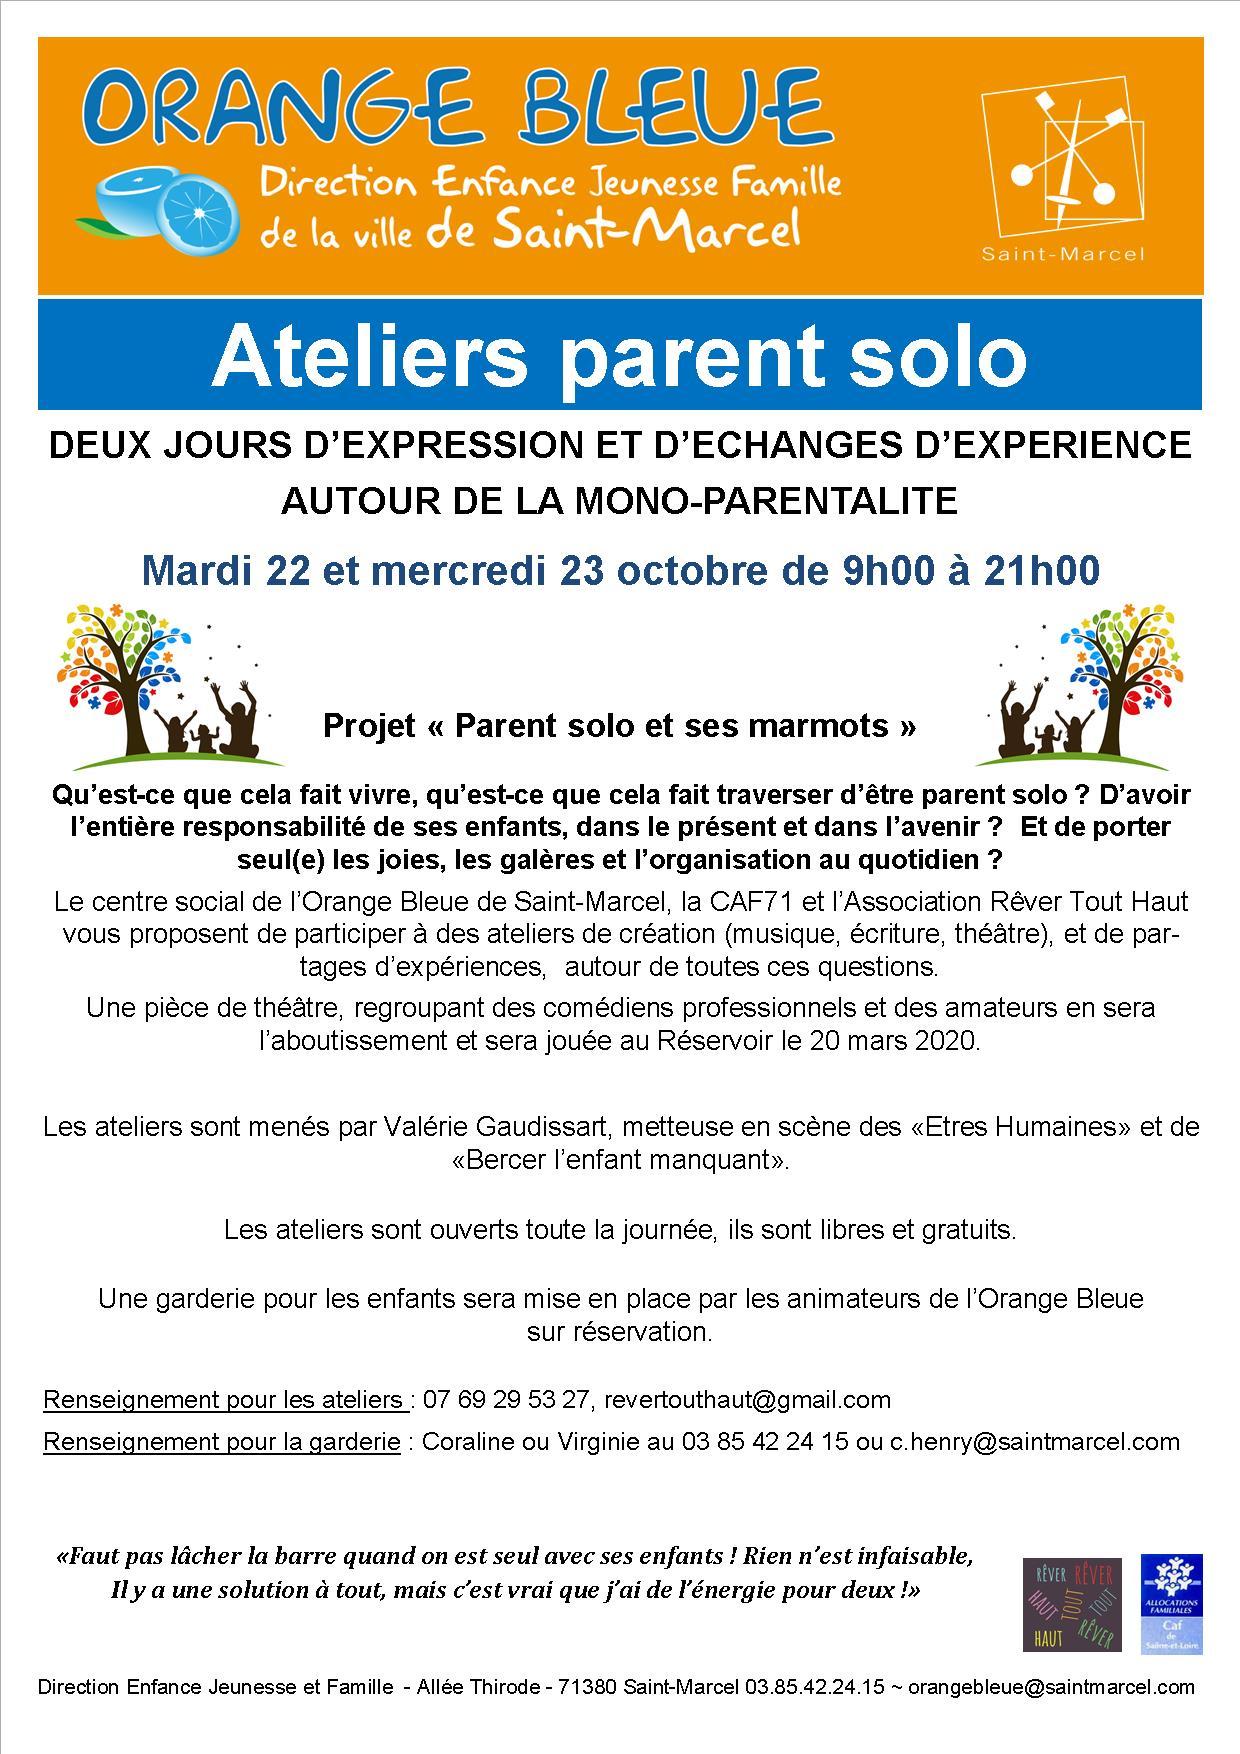 flyer Orange Bleue, Direction Enfance Jeunesse Famille de Saint Marcel, ateliers parent solo, 22 et 23 octobre, 2019, 9h à 21h